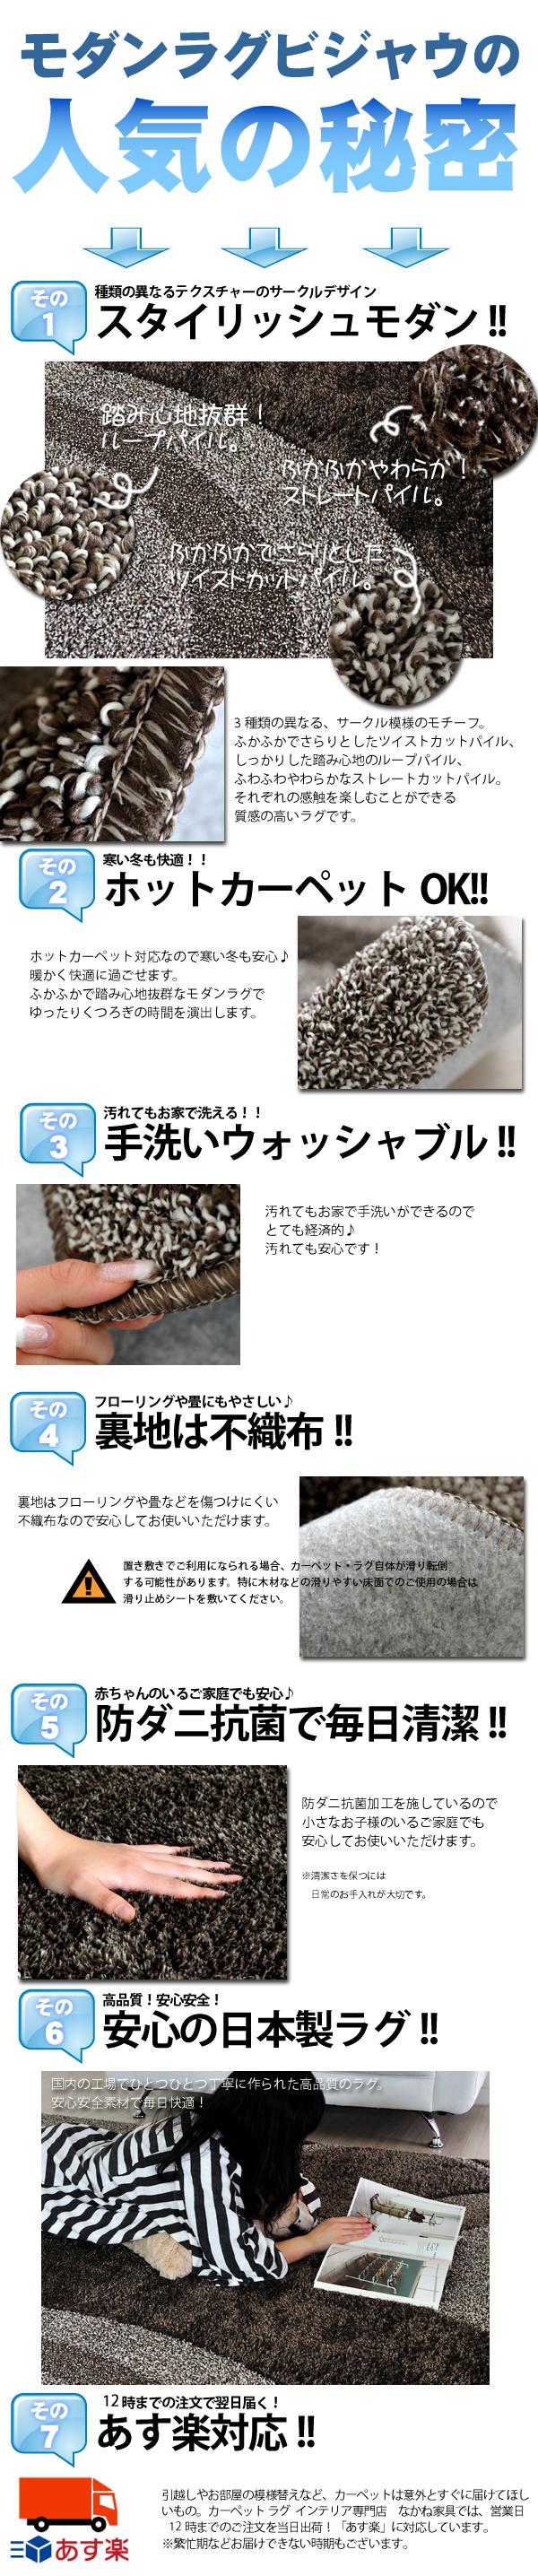 モダンラグ ビジャル 人気の秘密!!